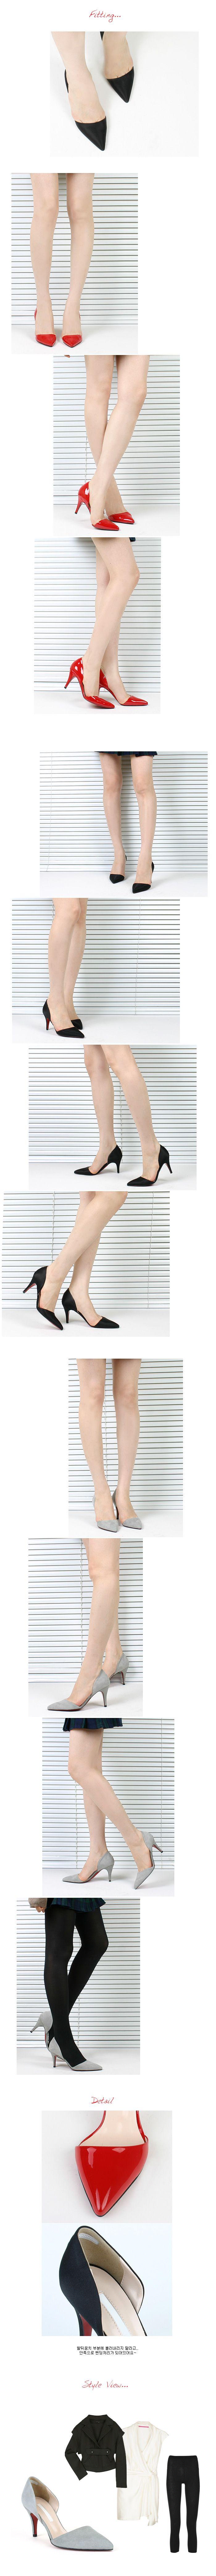 Весна красная лакированная кожа указал обувь темперамент принцесса свадебная обувь OL дамы черные туфли на высоком каблуке 8801-5 оккупации ...